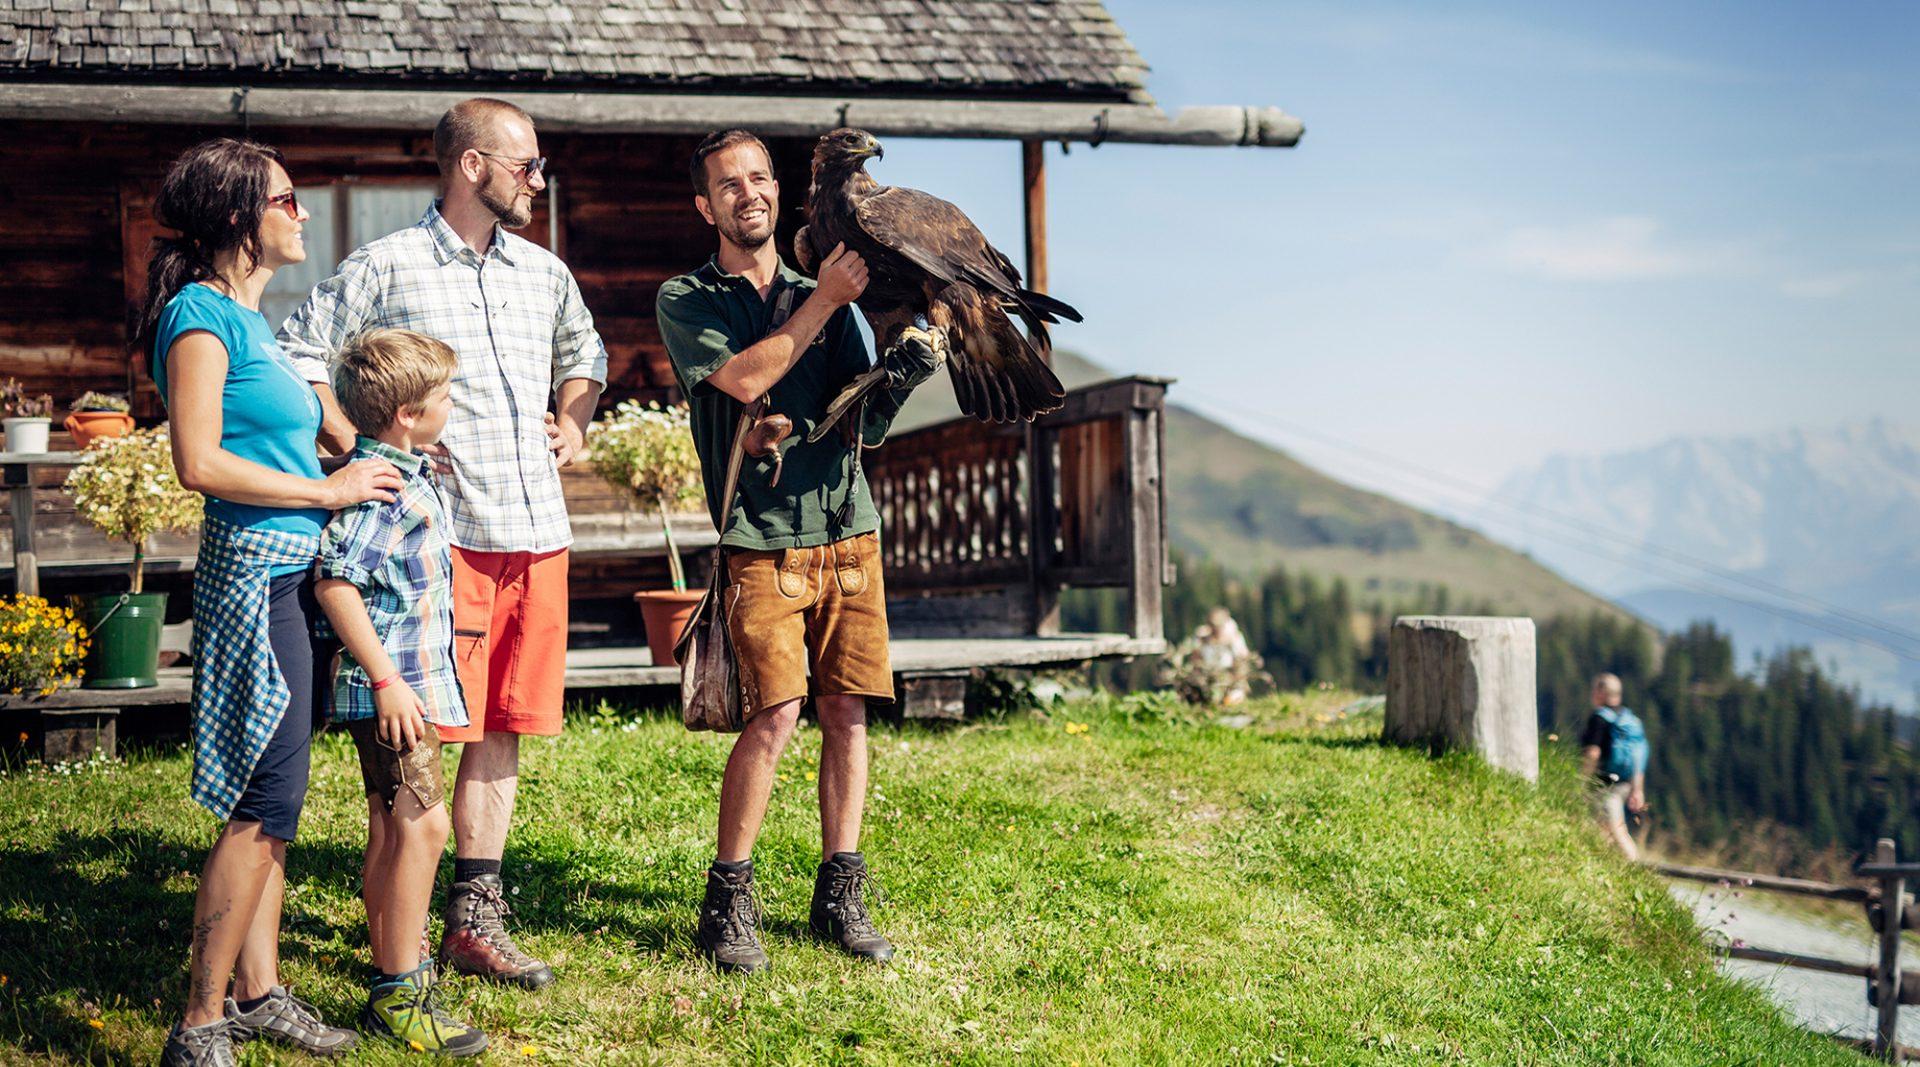 raurisertal-sommer-wandern-hochalmbahnen-greifvogelwarte-c-fnpht-fotograf-david-innerhofer